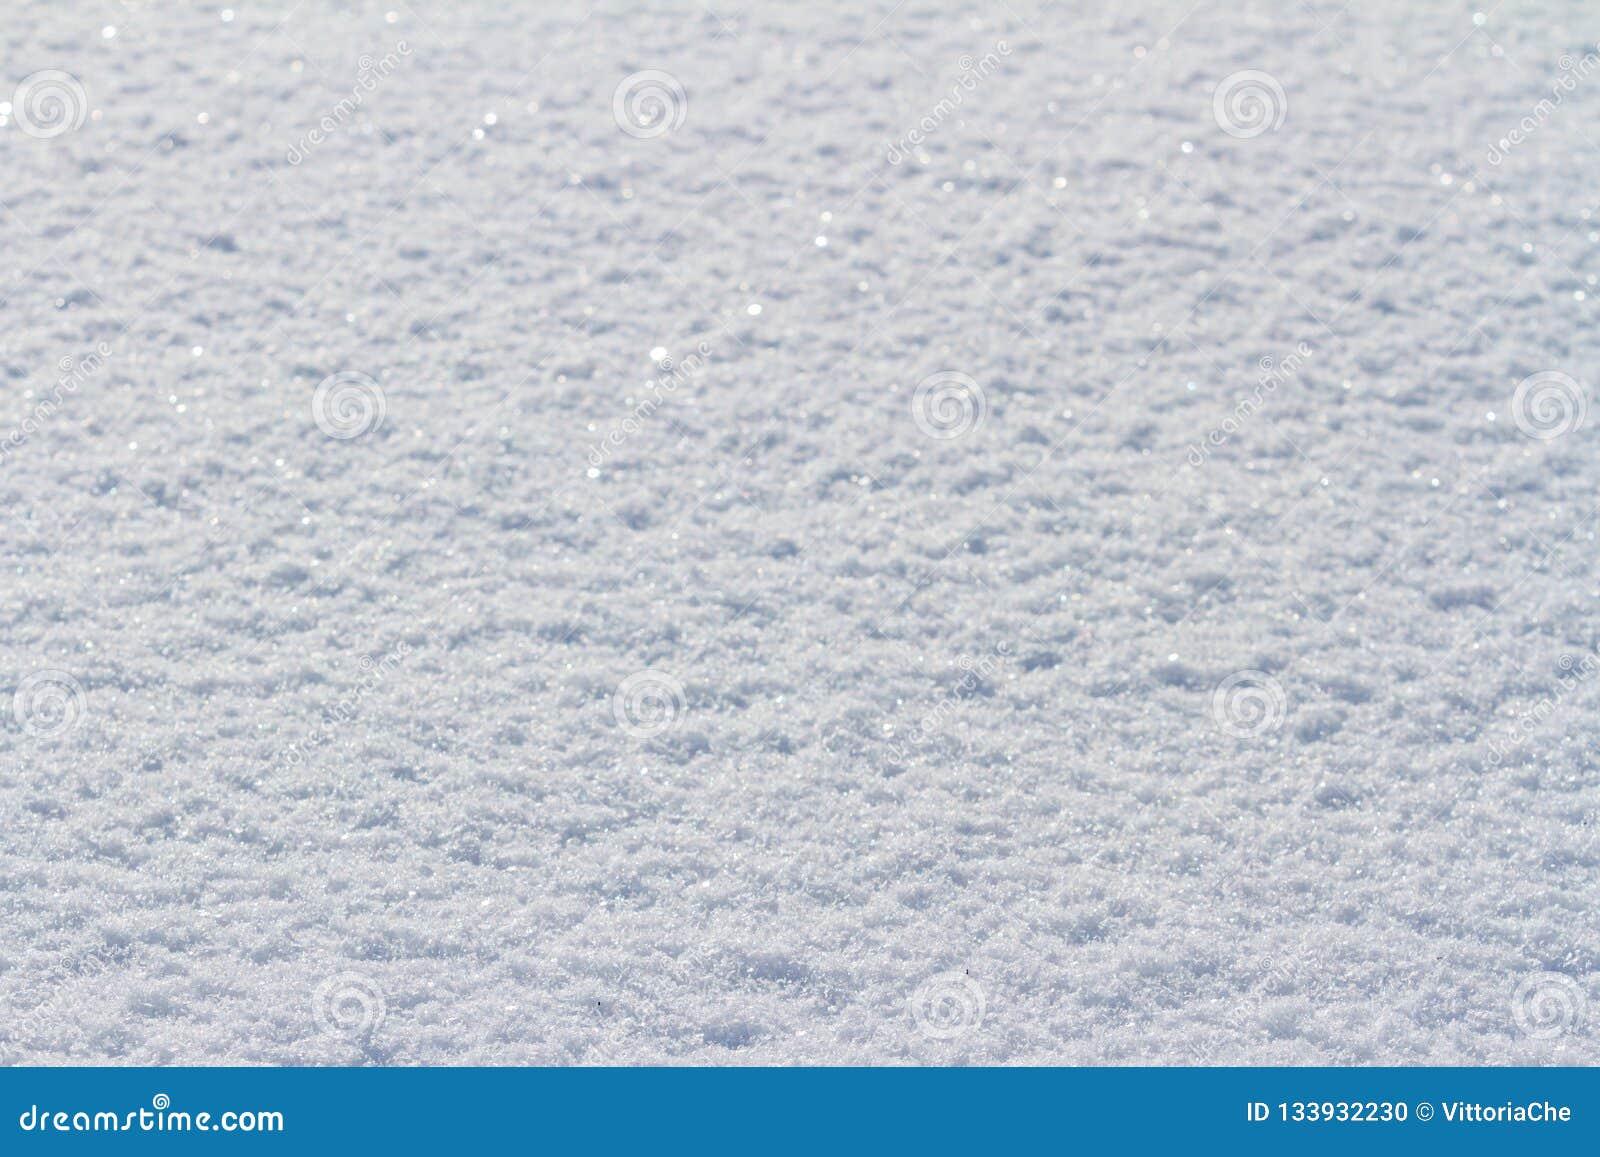 Fondo natural de la textura del invierno con la nieve blanca